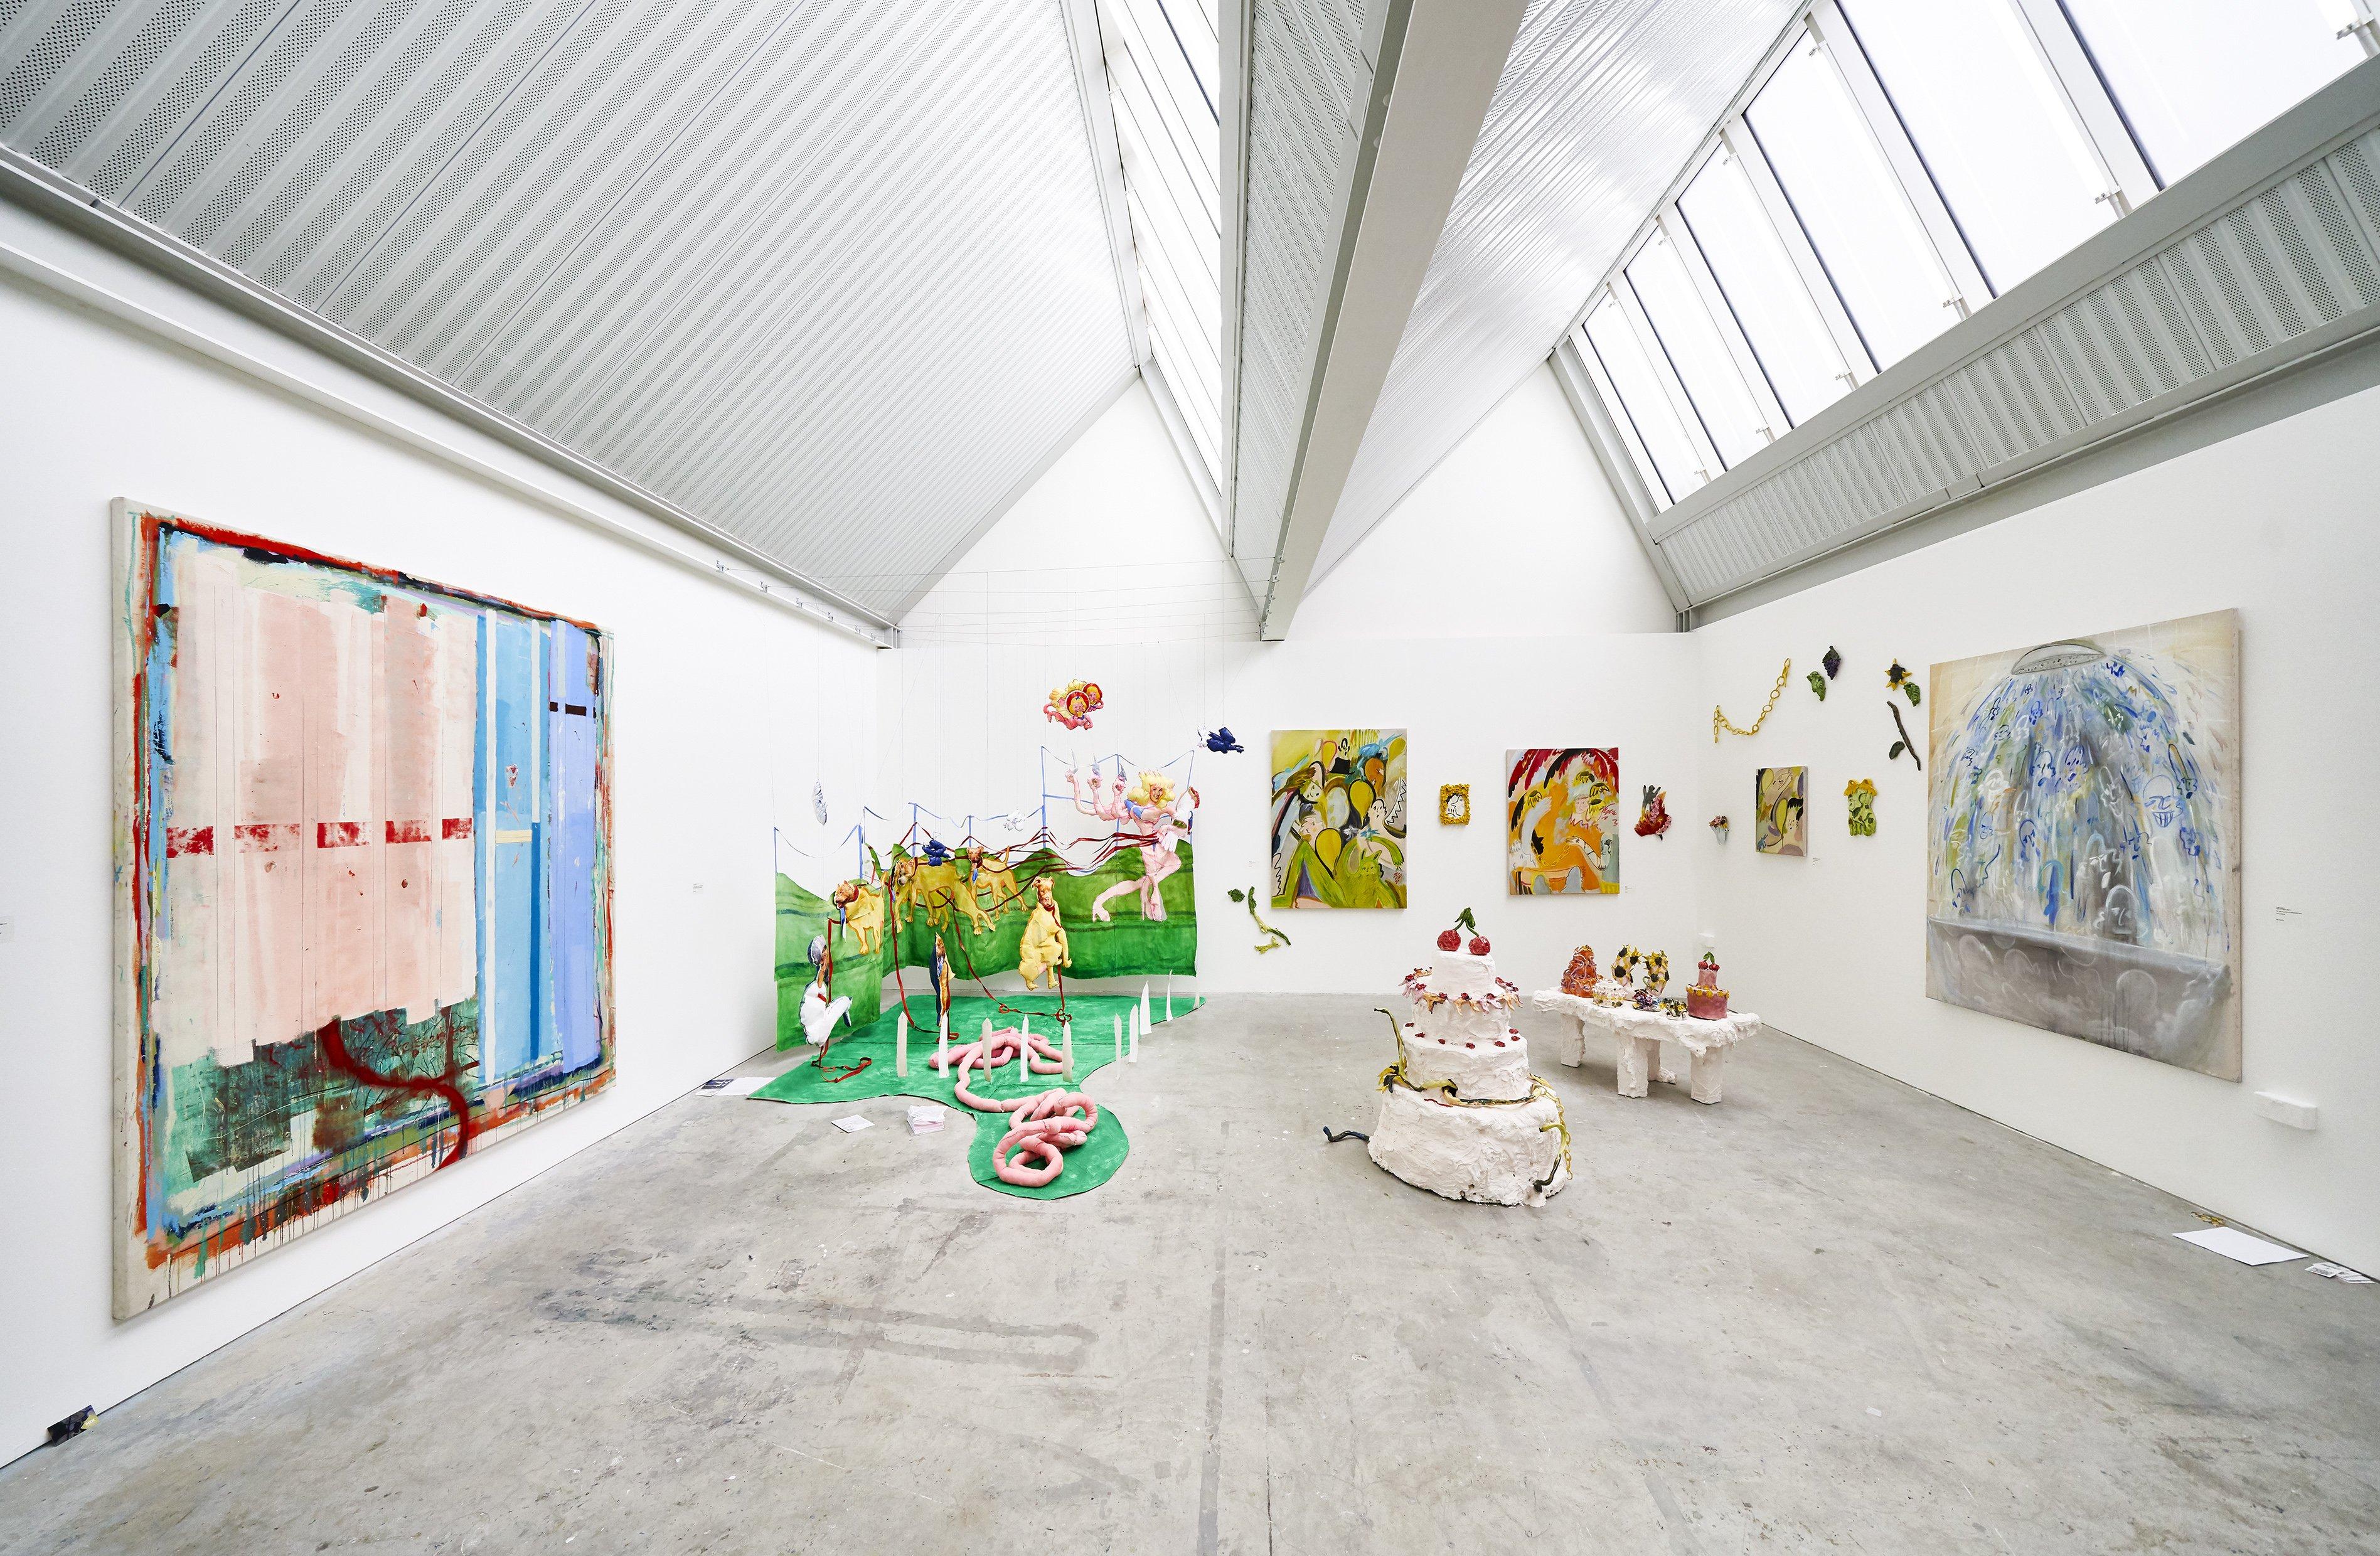 Painting 2019 Jhonatan Pulido, Elise Broadway, Yulia Iosilzon